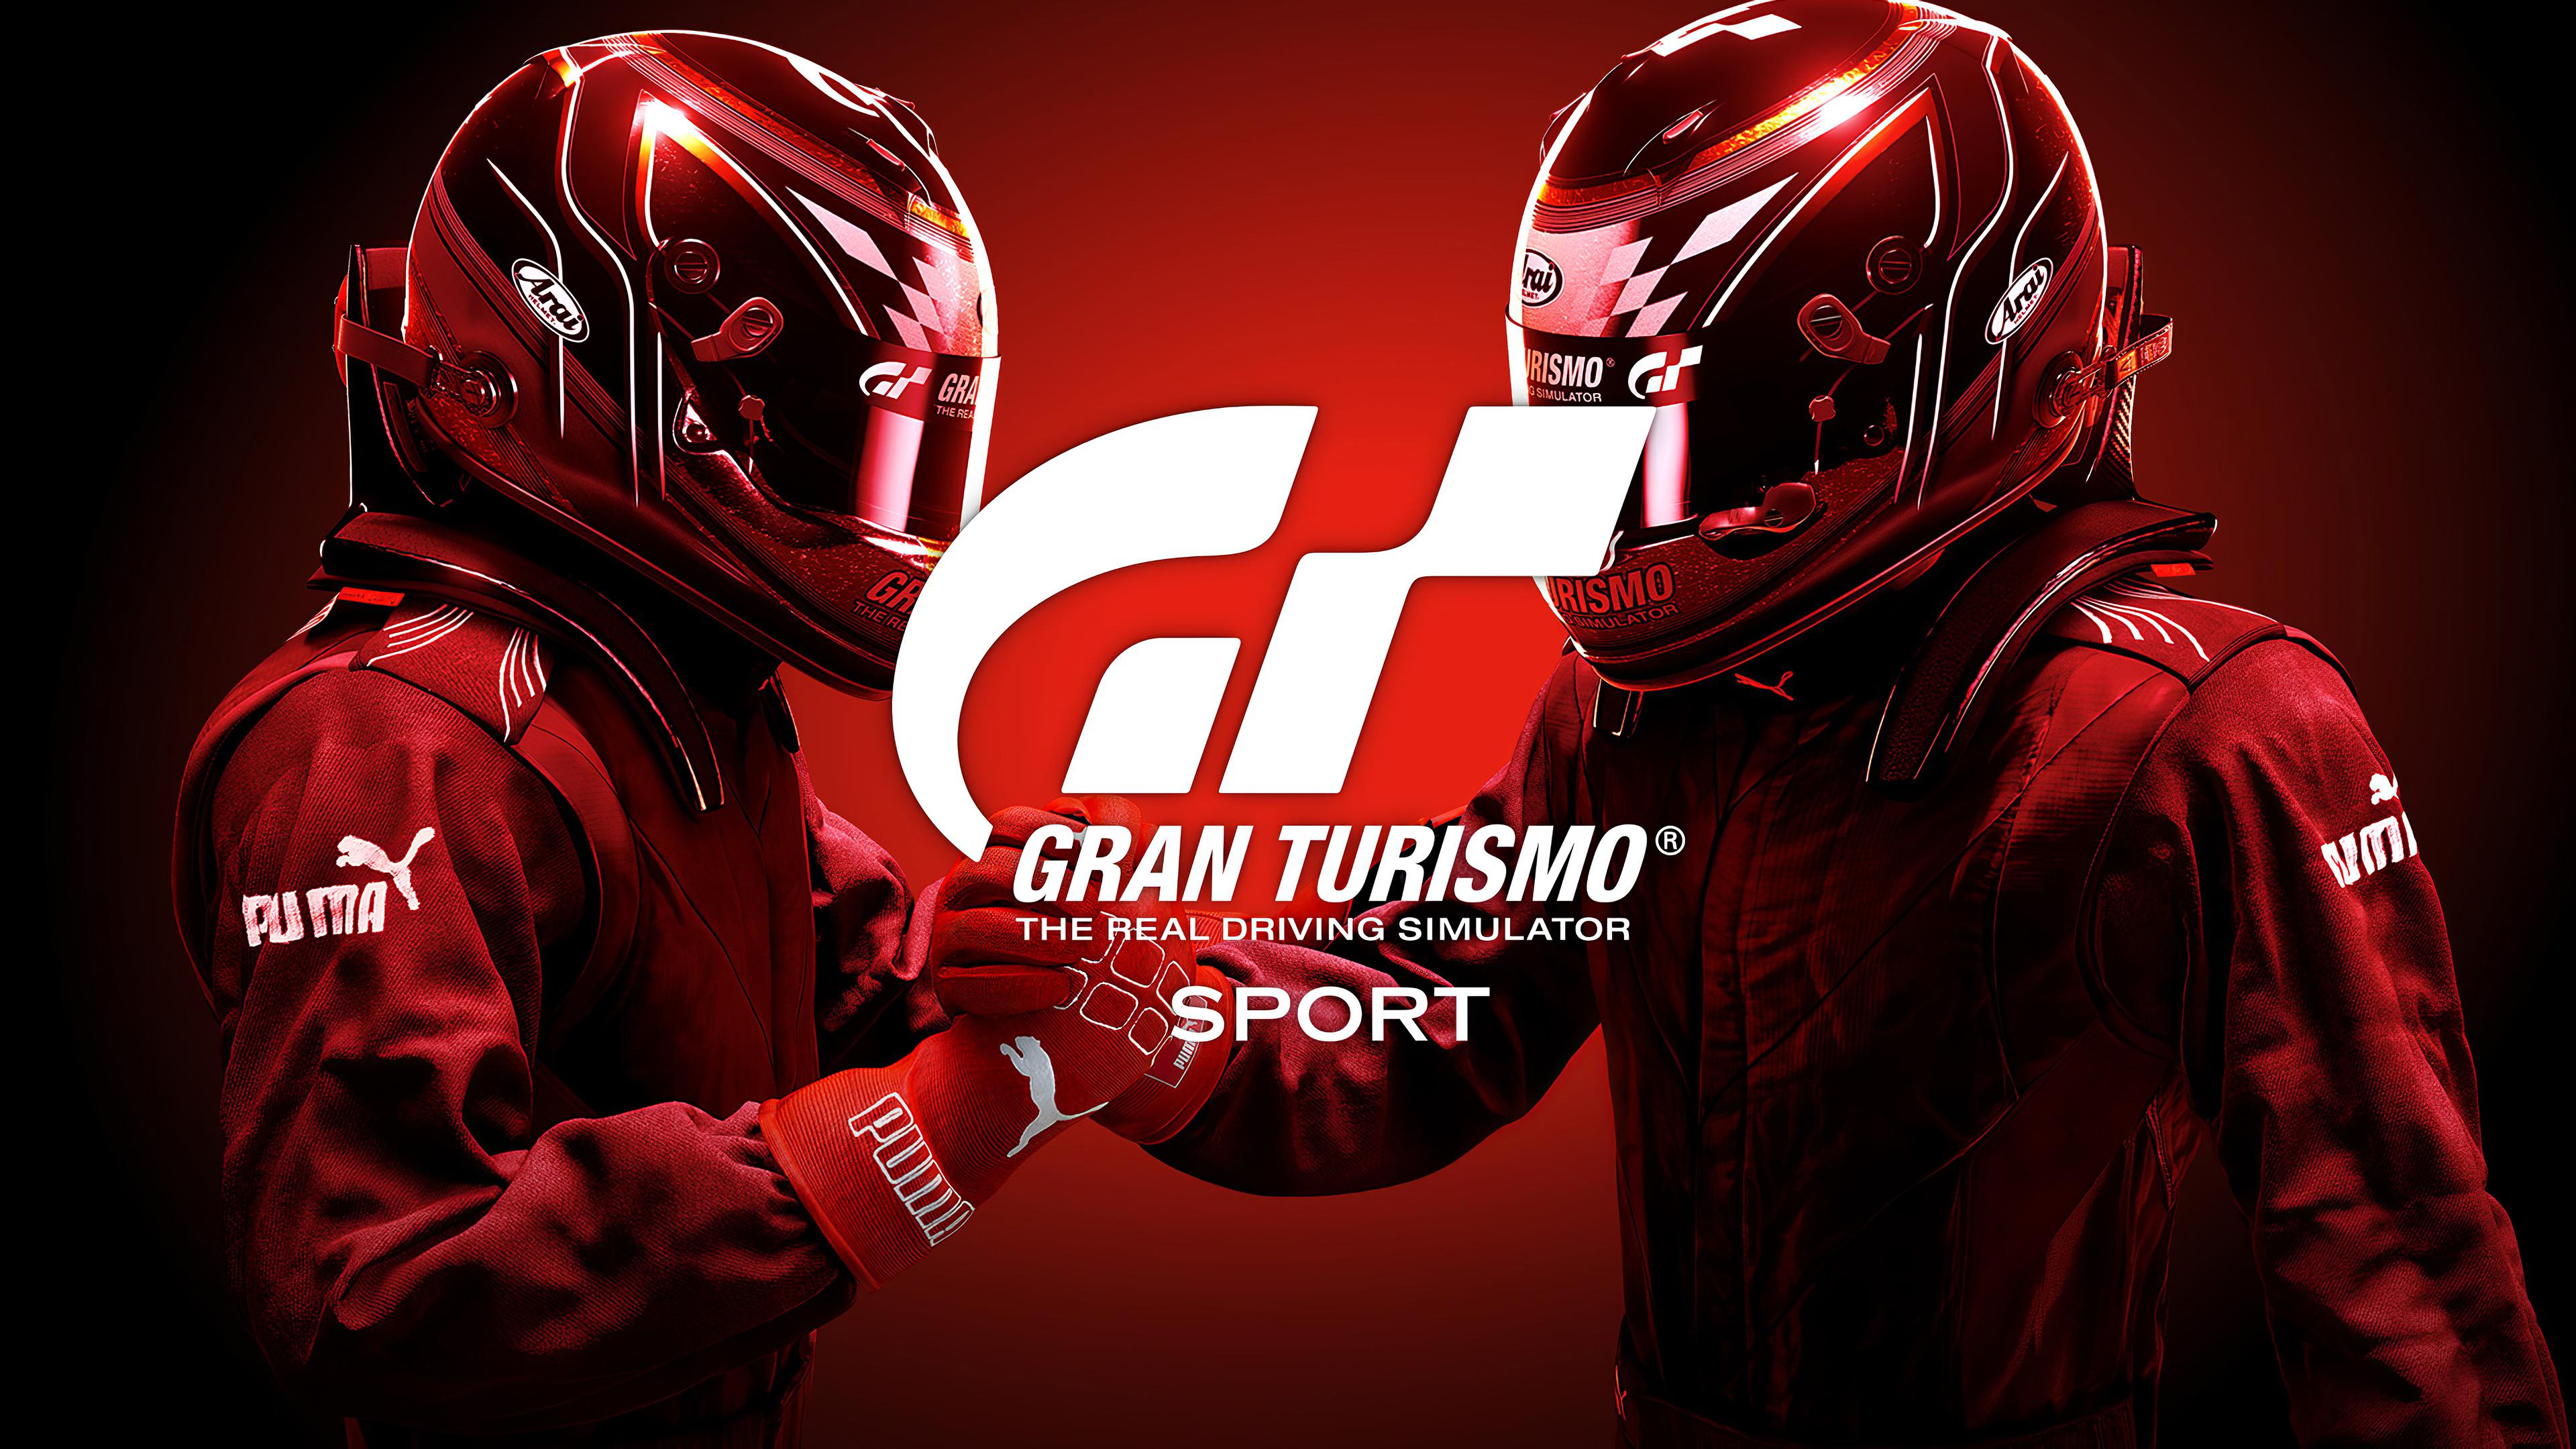 gran turismo sport 2019 1572370541 - Gran Turismo Sport 2019 - hd-wallpapers, gran turismo sport wallpapers, games wallpapers, 4k-wallpapers, 2019 games wallpapers